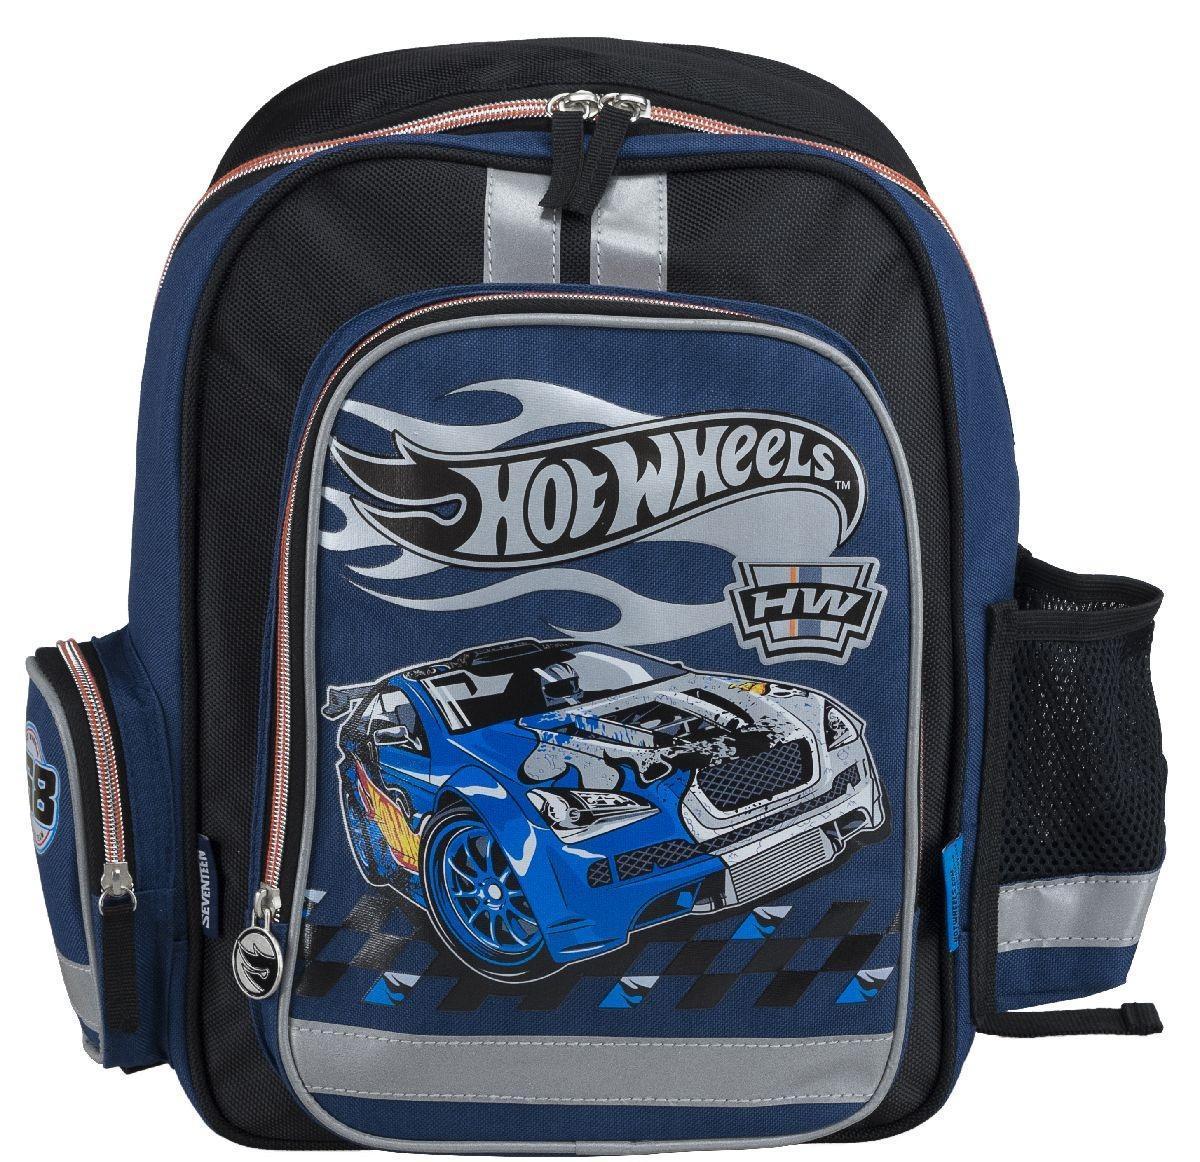 Рюкзак школьный Mattel Hot Wheels, цвет: черный, синийHWCB-UT1-836Рюкзак школьный Mattel Hot Wheels обязательно понравится вашему школьнику. Он выполнен из плотного материла черного и серого цвета с аппликациями. Содержит одно вместительное отделение, закрывающееся на застежку-молнию с двумя бегунками. В отделении находятся две мягкие перегородки для тетрадей или учебников и большой карман-сетка. На лицевой части рюкзак дополнен накладным карманом на молнии. По бокам ранца имеются открытые накладные карманы на резинке. Рюкзак дополнен светоотражающими вставками. Конструкция спинки дополнена эргономичными подушечками, противоскользящей сеточкой и системой вентиляции для предотвращения запотевания спины ребенка. Мягкие широкие лямки позволяют легко и быстро отрегулировать ранец в соответствии с ростом, а также высота лямок изменяется за счет специальных креплений на липучках. Ранец оснащен текстильной ручкой с пластиковым уплотнителем. Многофункциональный школьный ранец станет незаменимым спутником вашего ребенка в походах за...